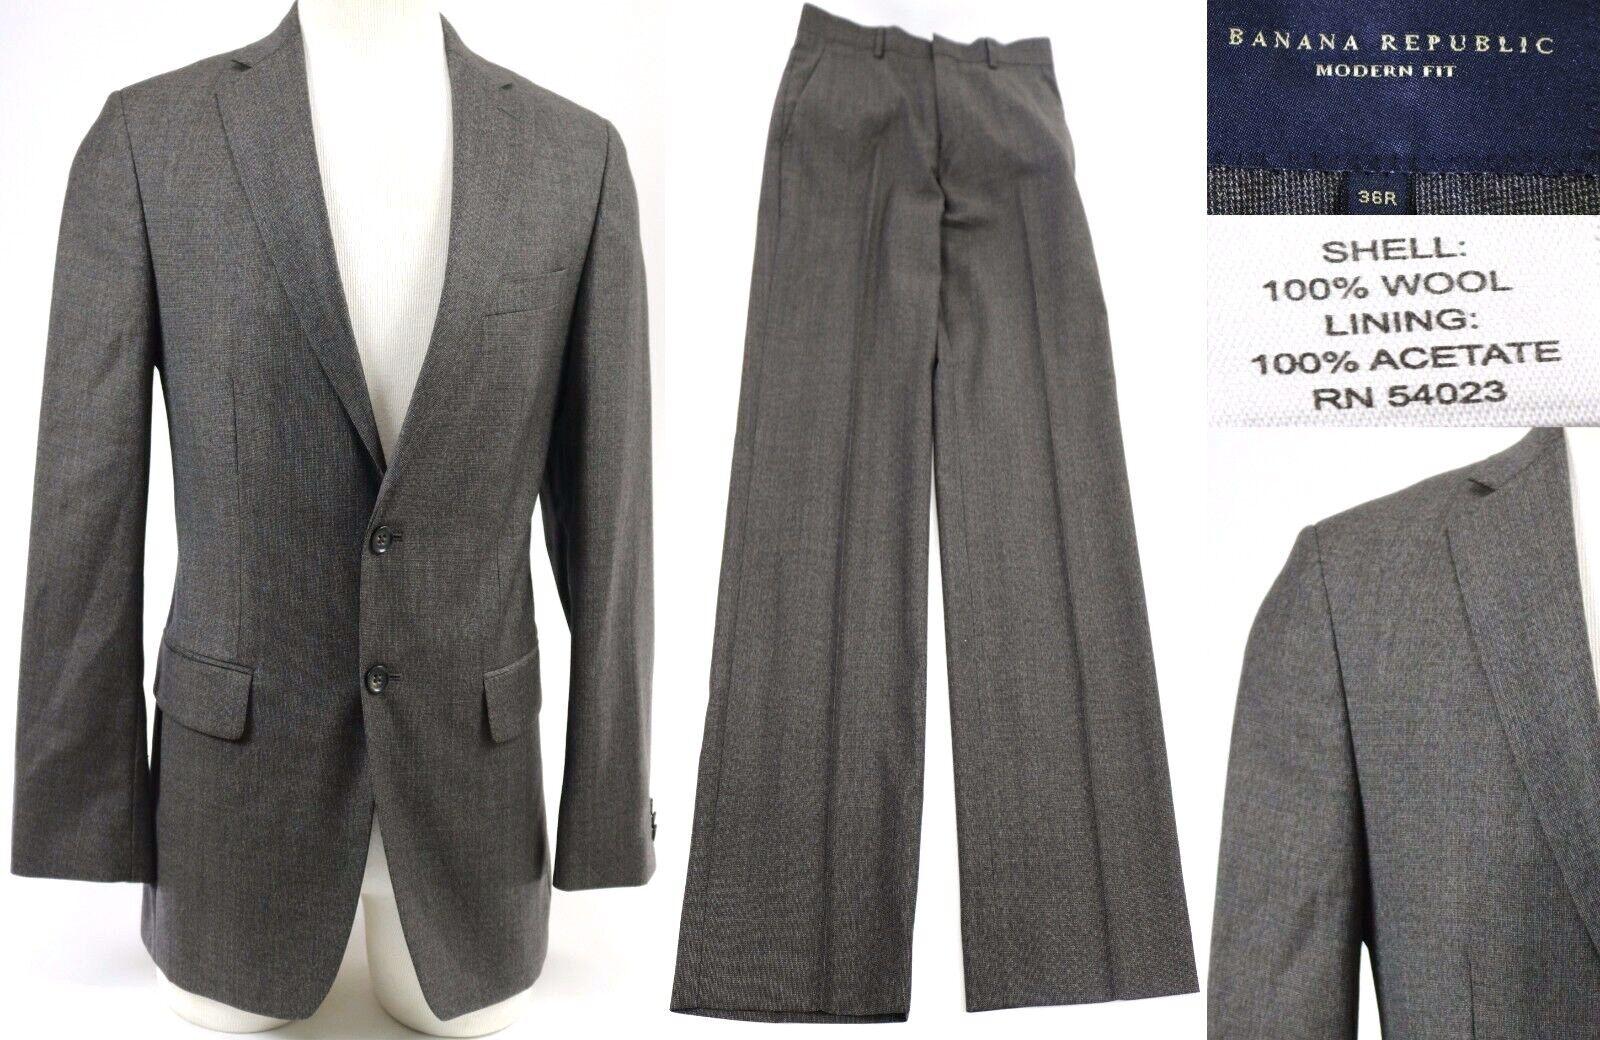 Banana Republic Men's  Suit Modern Fit Size 36R Taupe Excellent 30 X 30